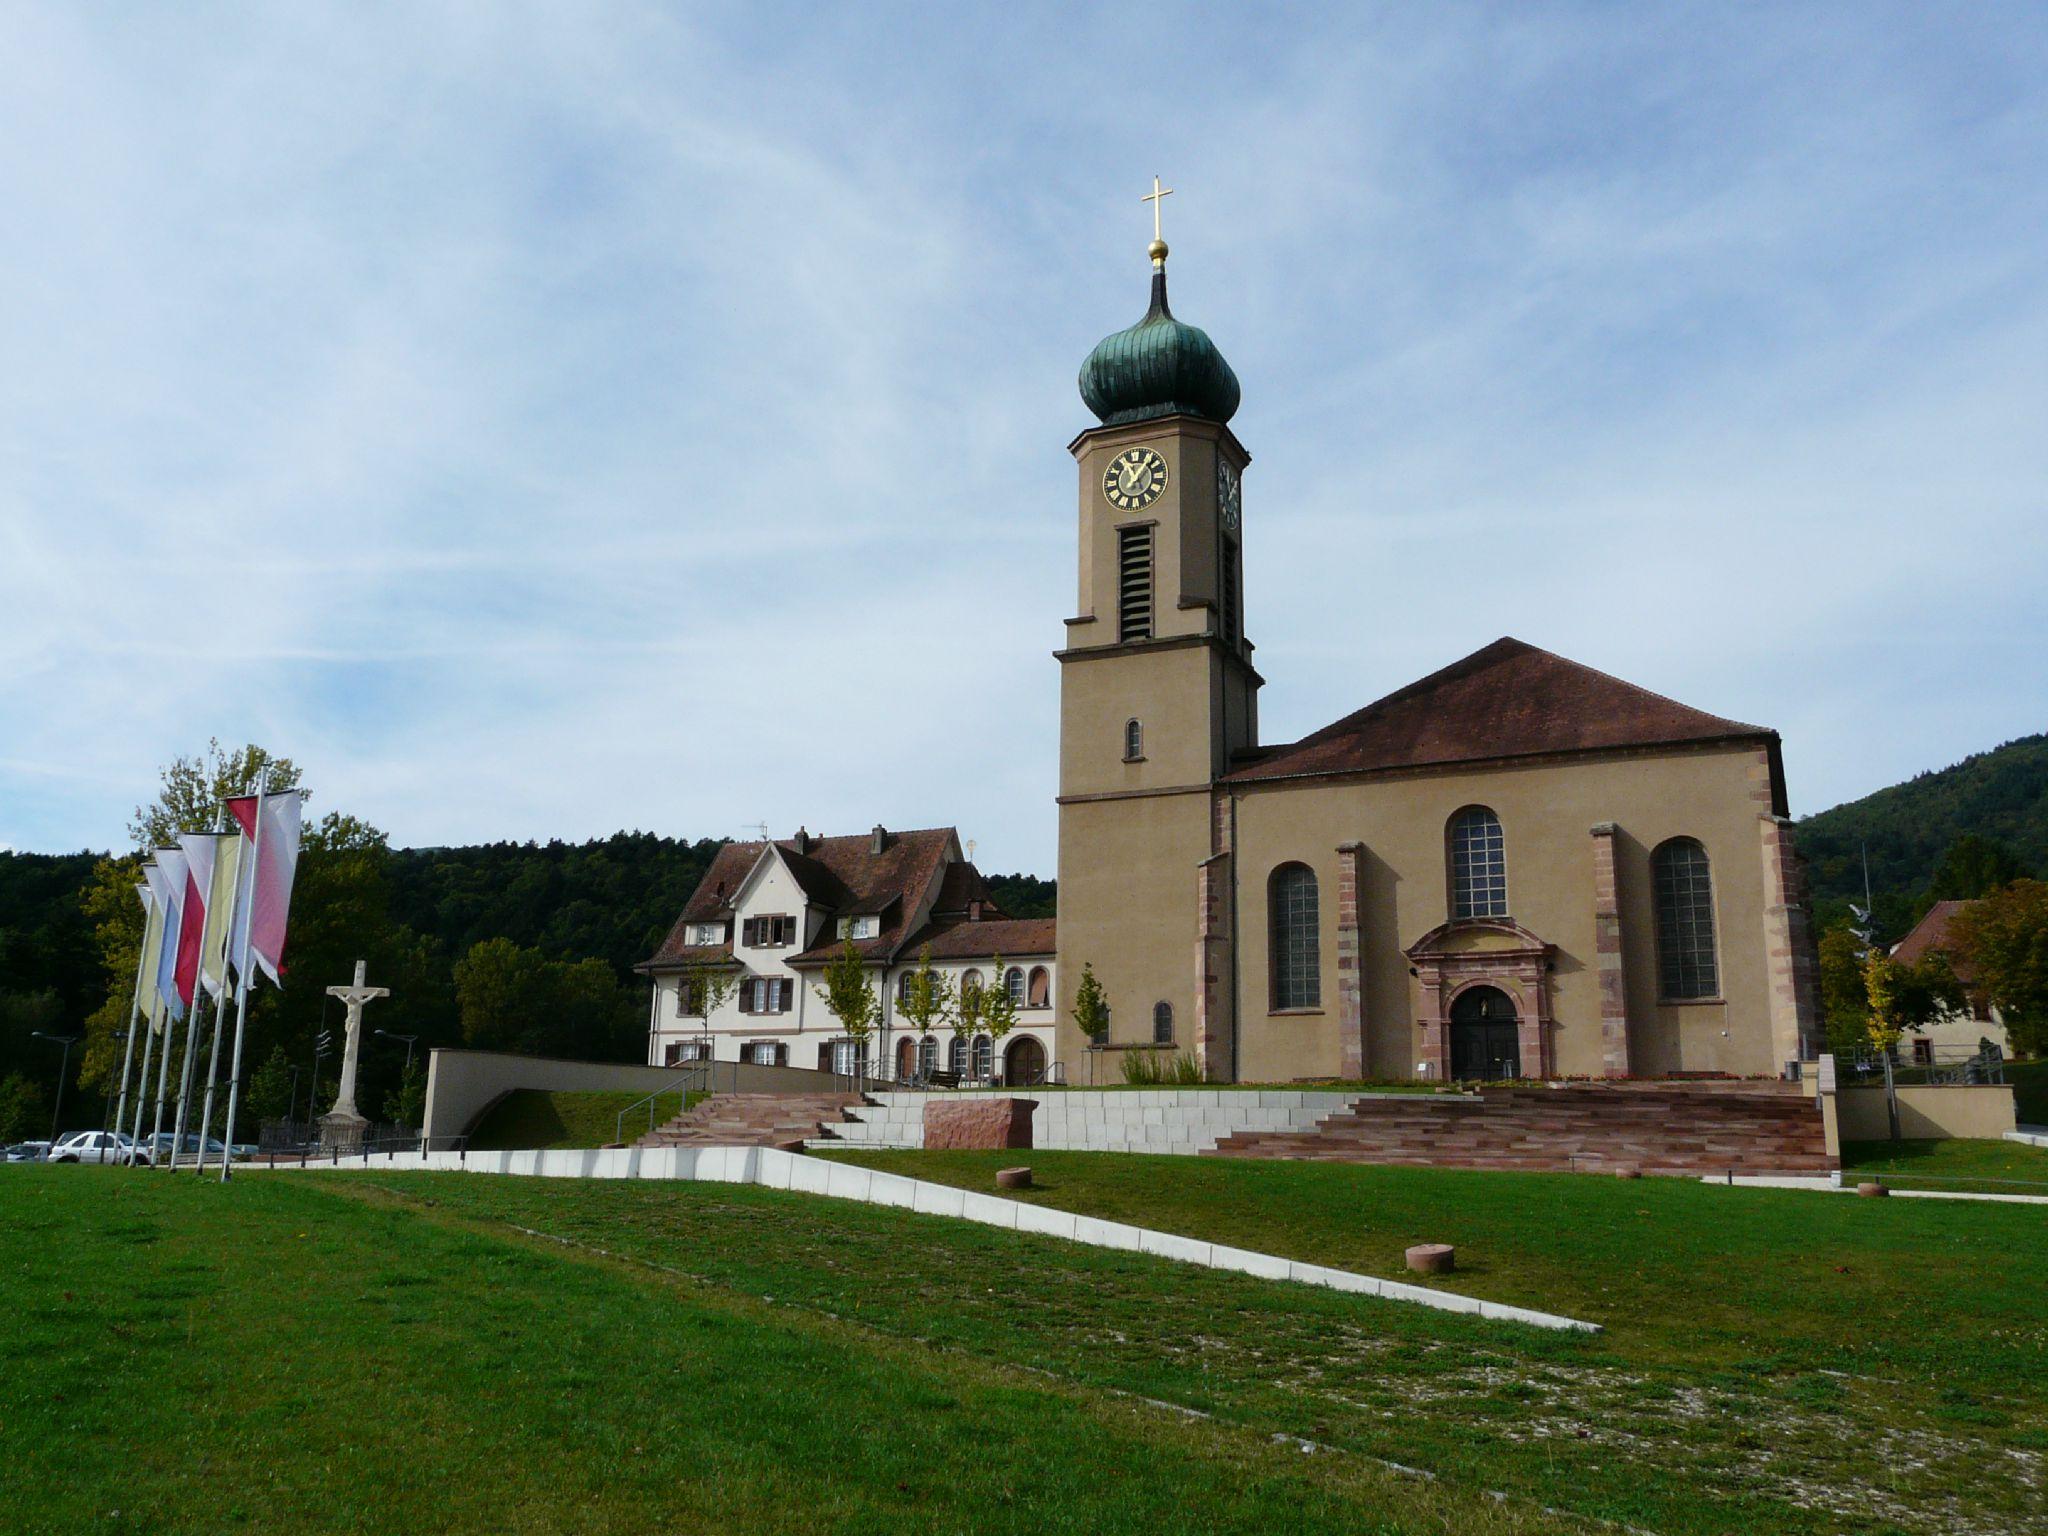 Jungholtz-Thierenbach (2)